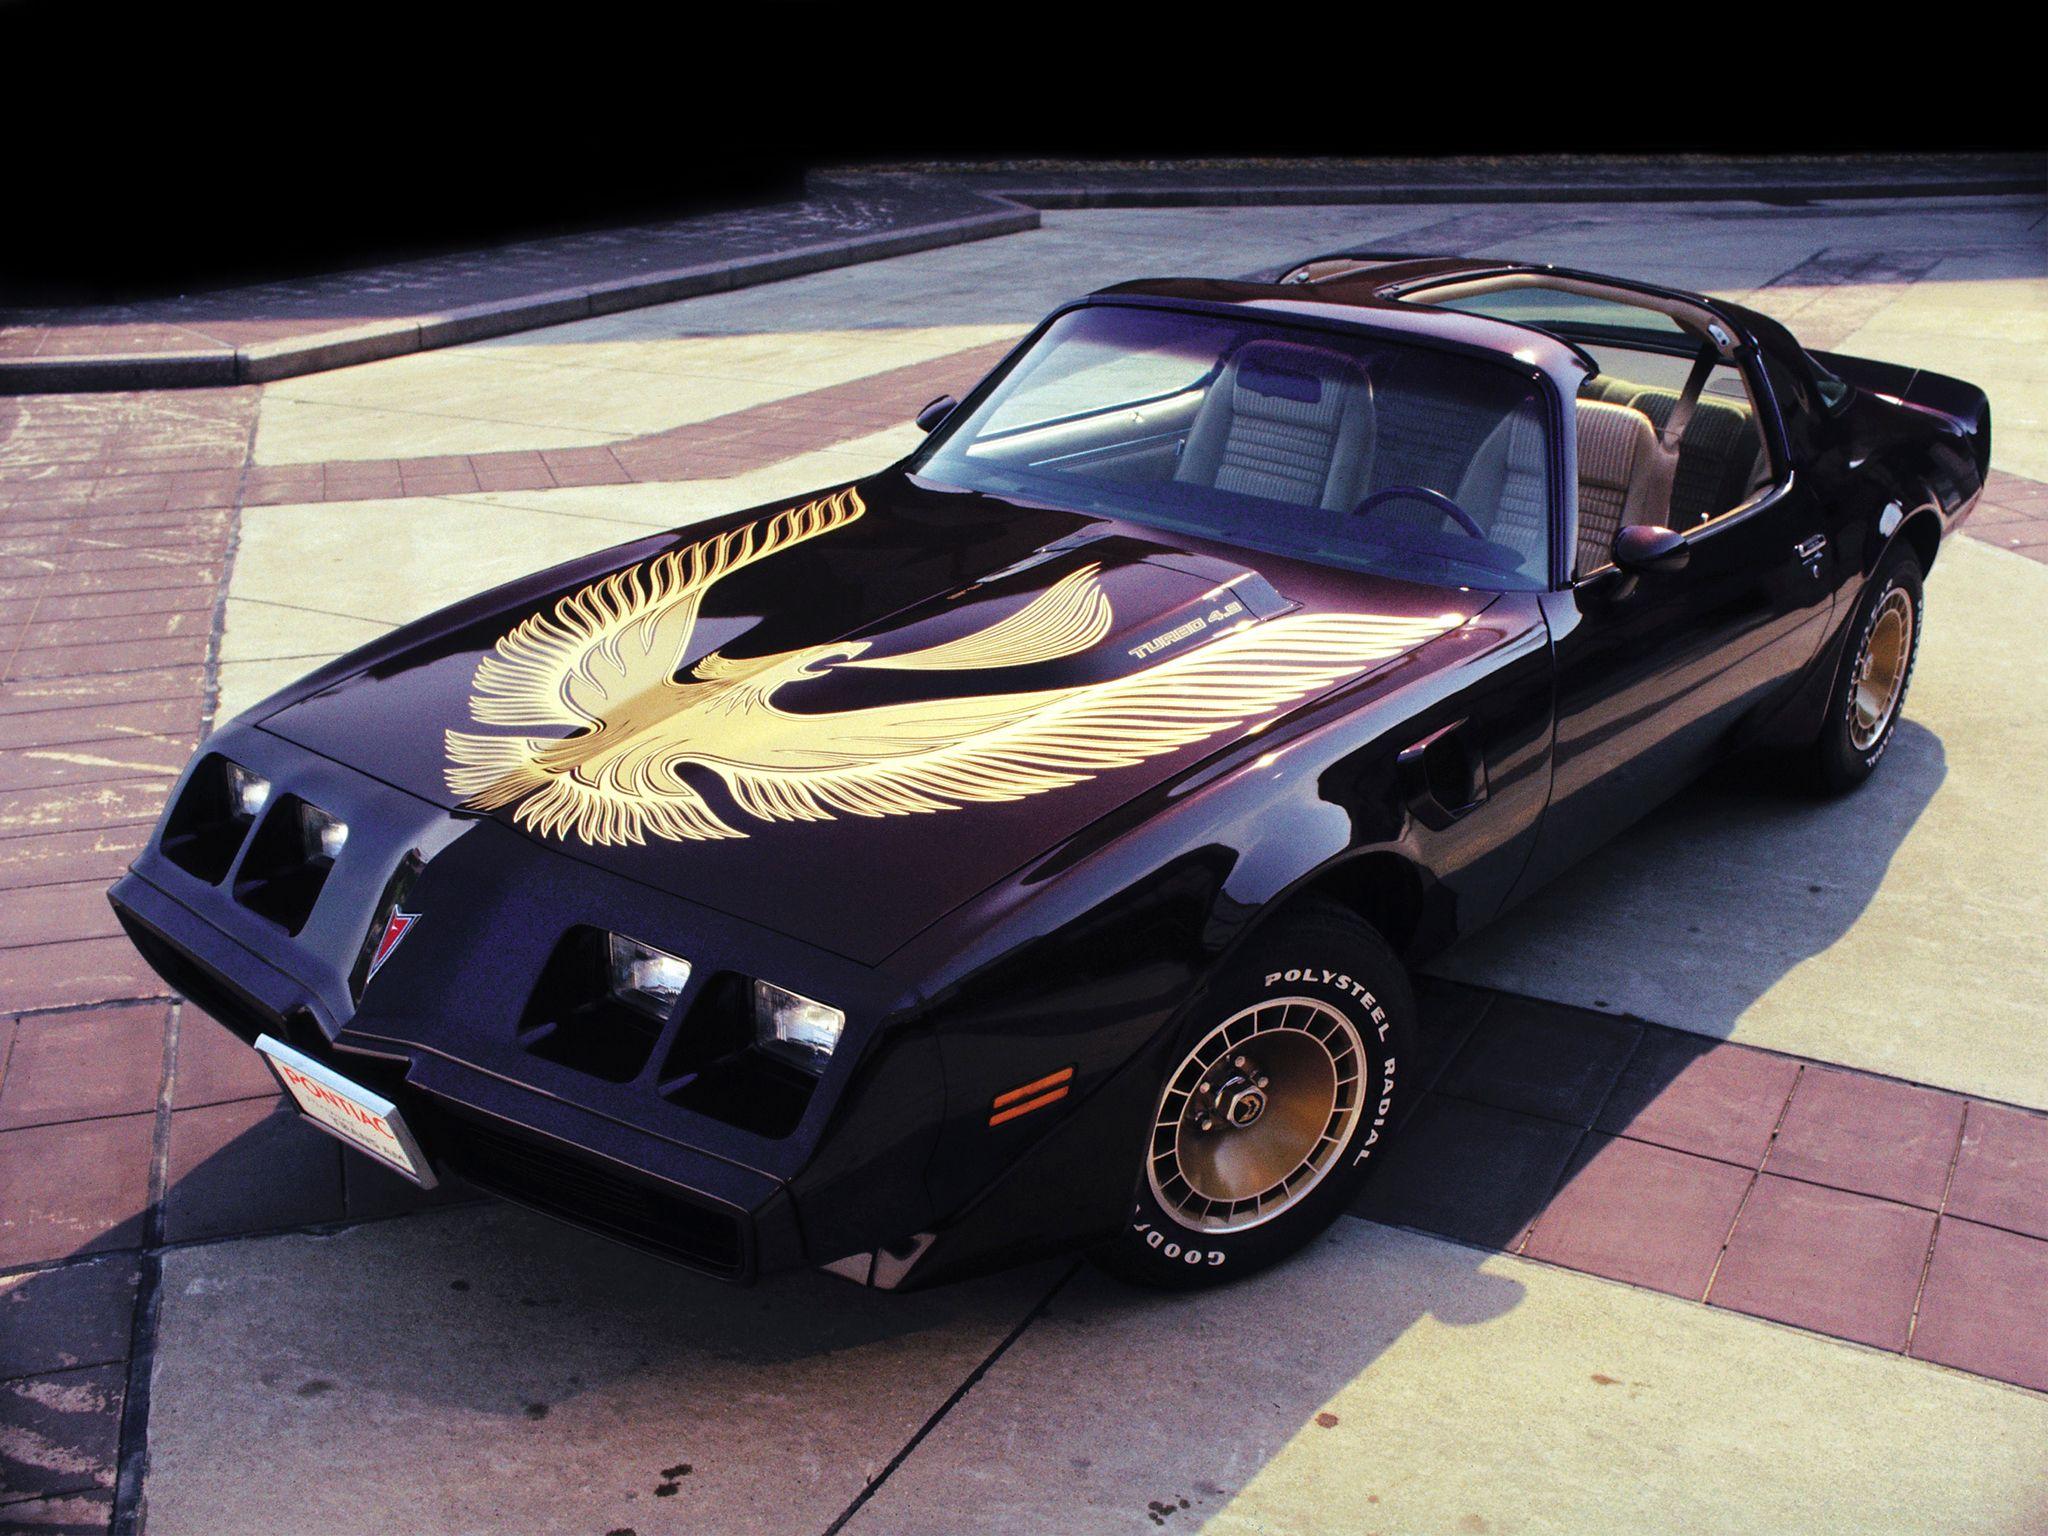 1980 Pontiac Firebird Trans Am Turbo Special Edition I dated a